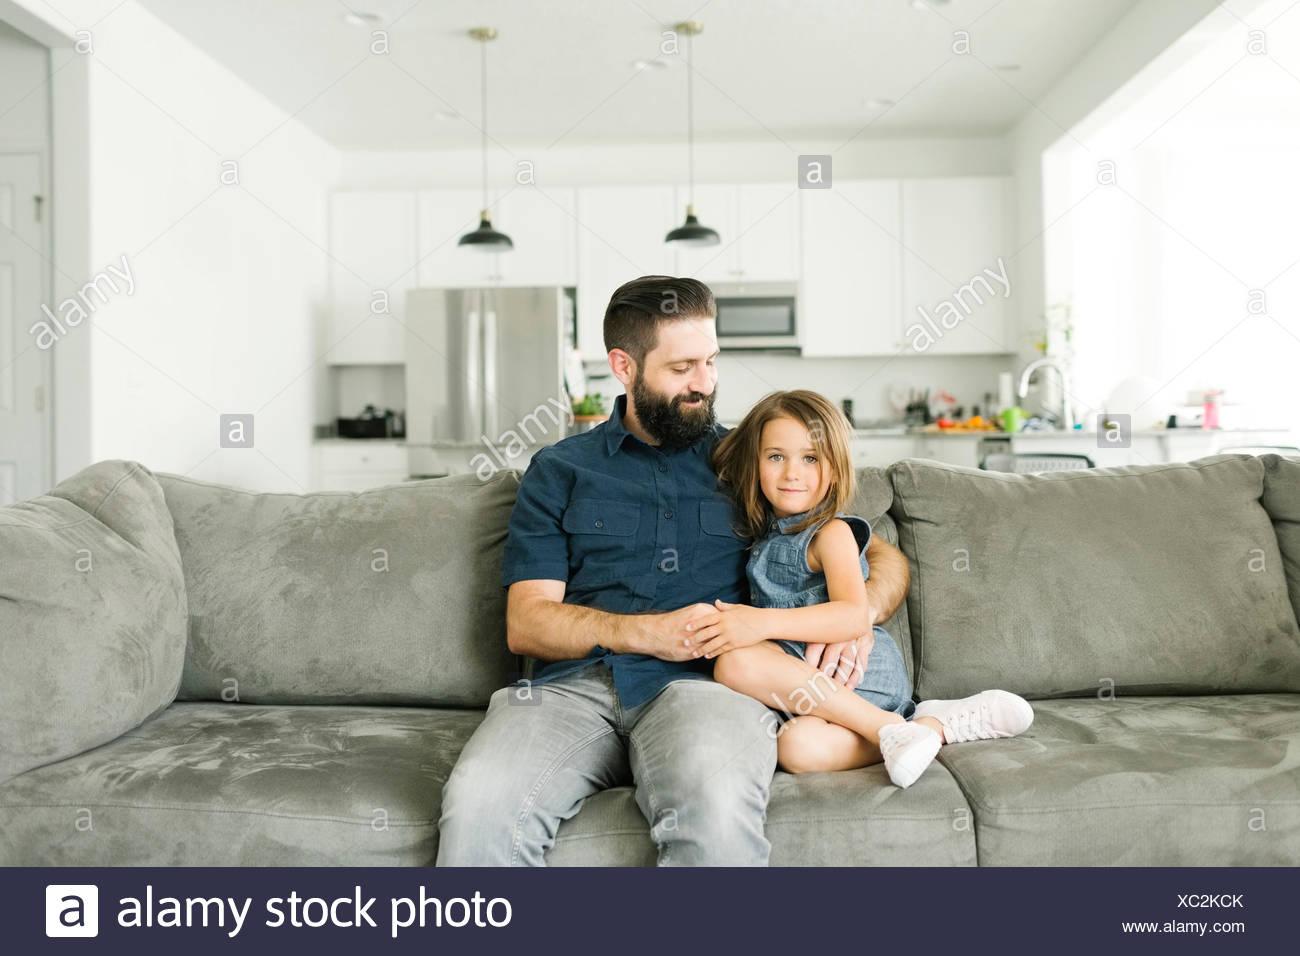 Vater mit Tochter (6-7) sitzen auf dem Sofa im Wohnzimmer. Stockbild